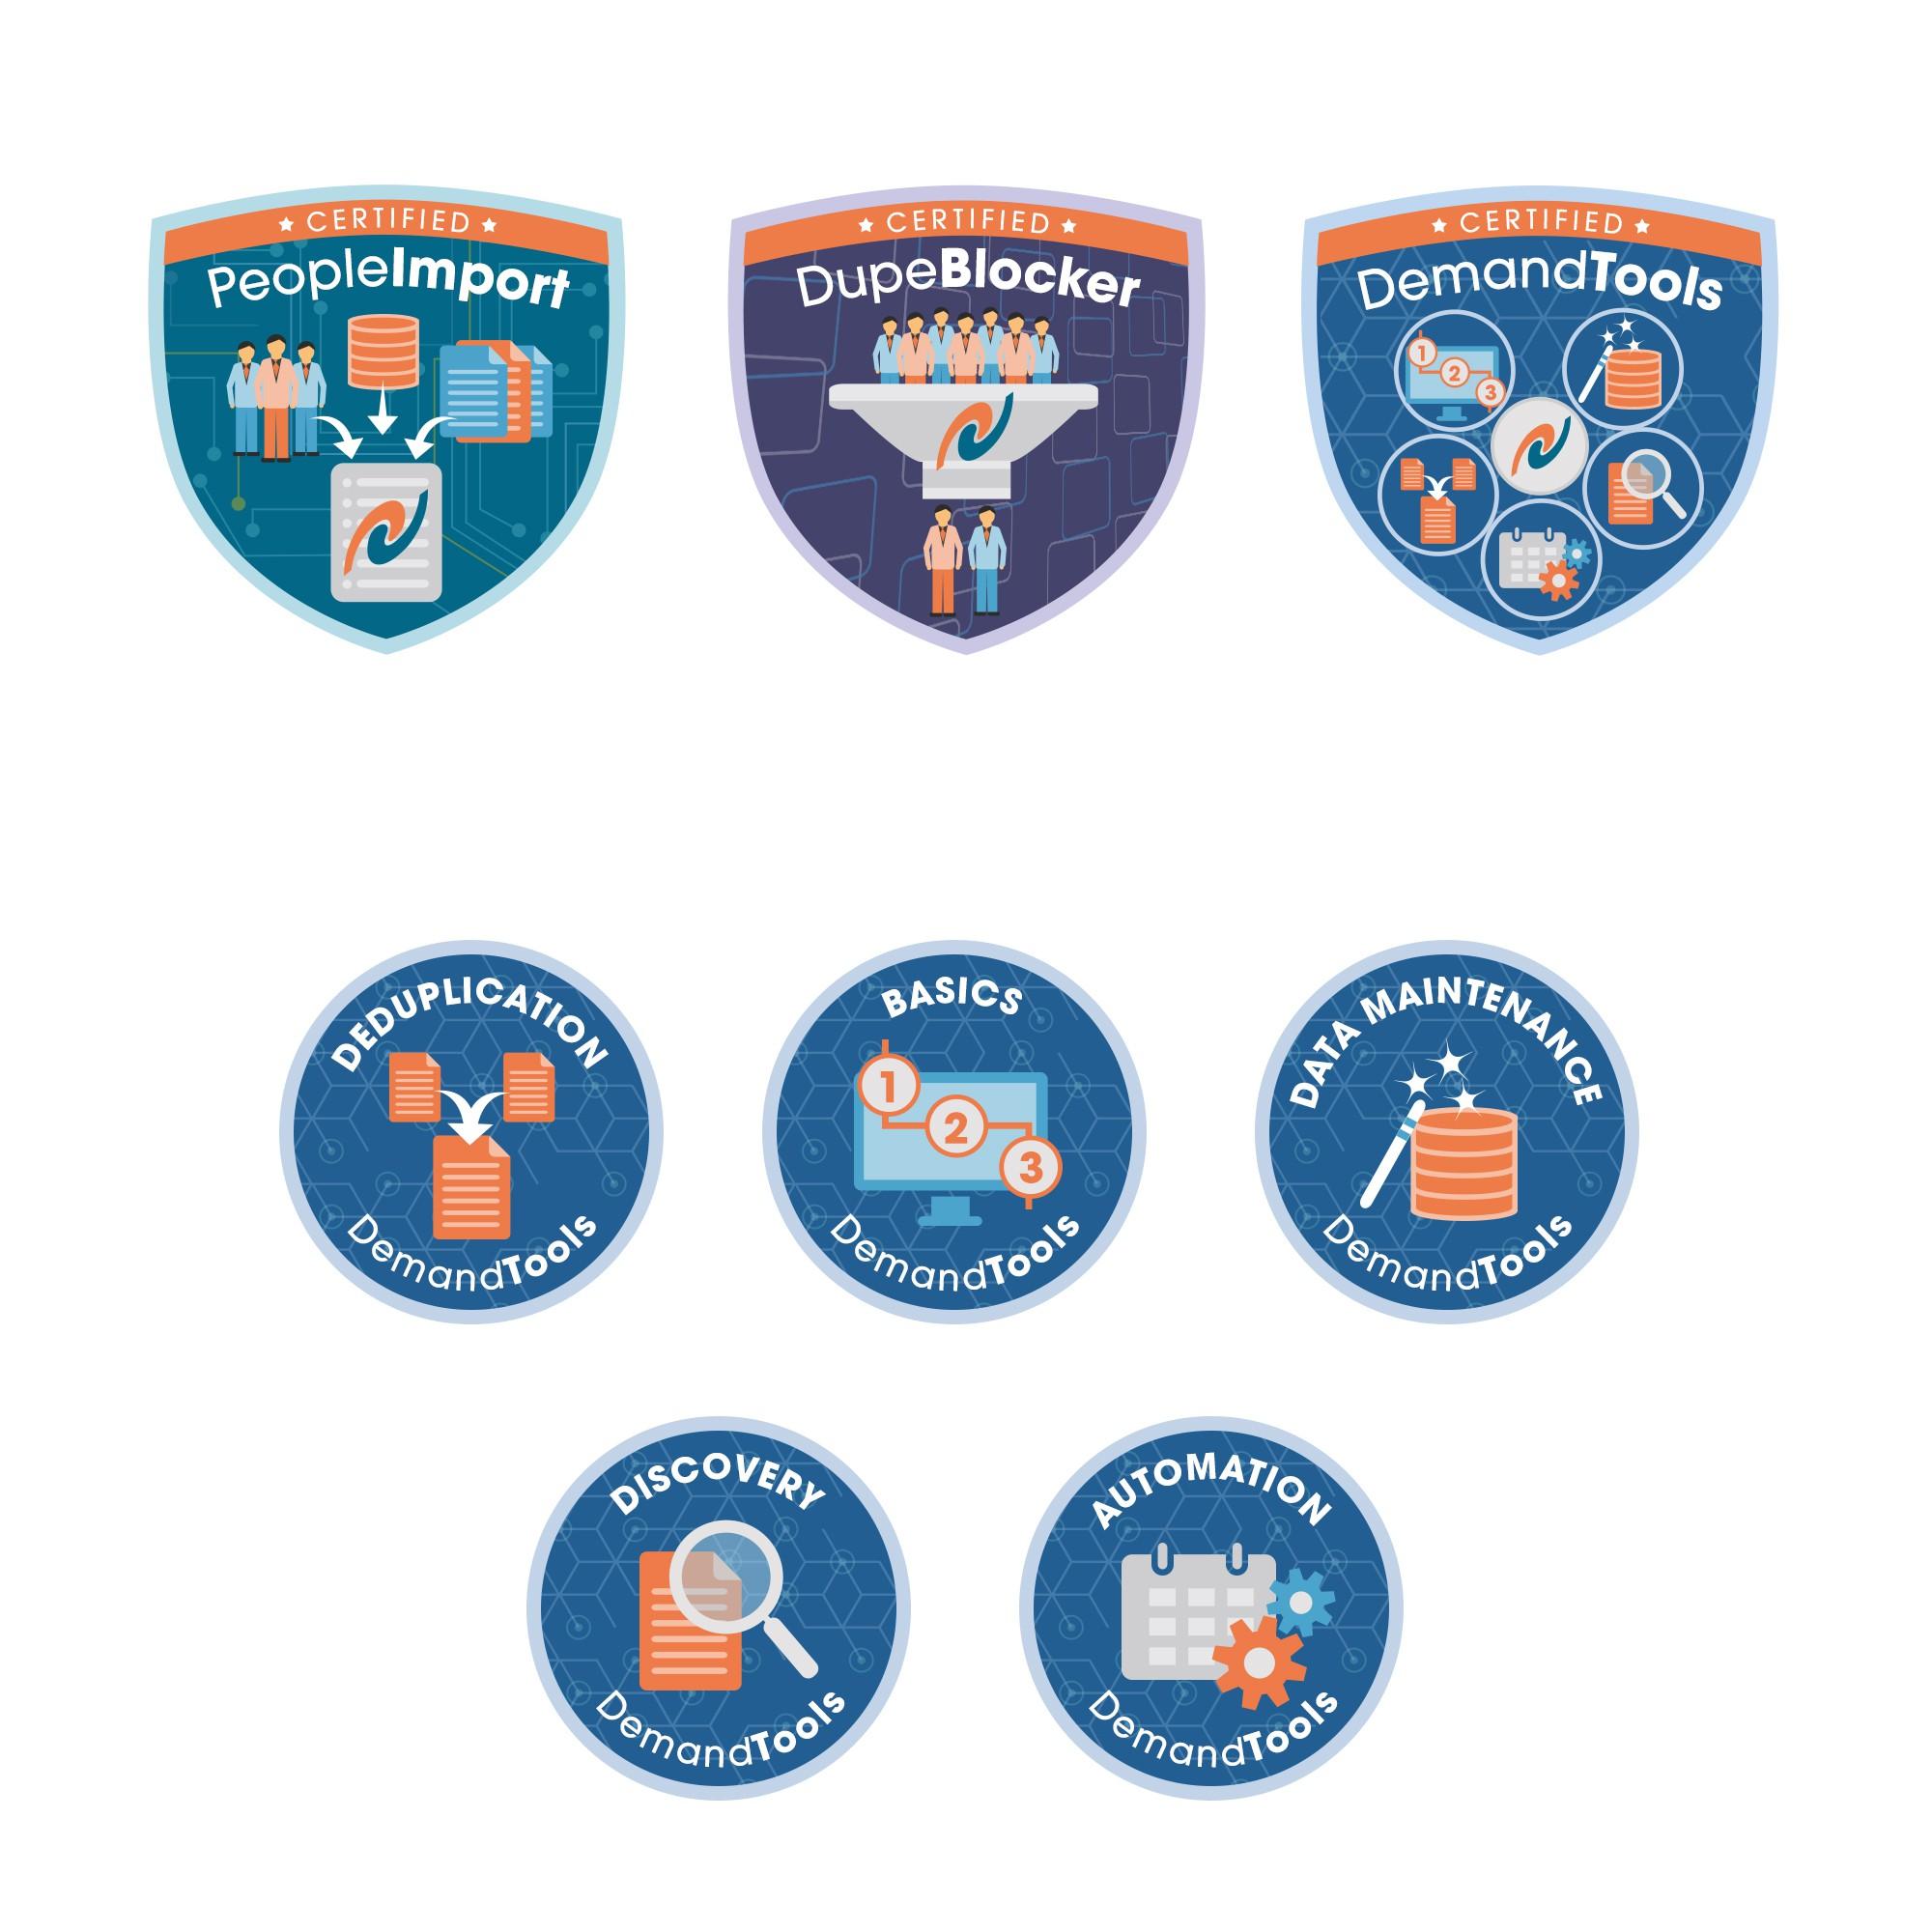 """DemandTools """"Badge"""" and five sub-badges"""